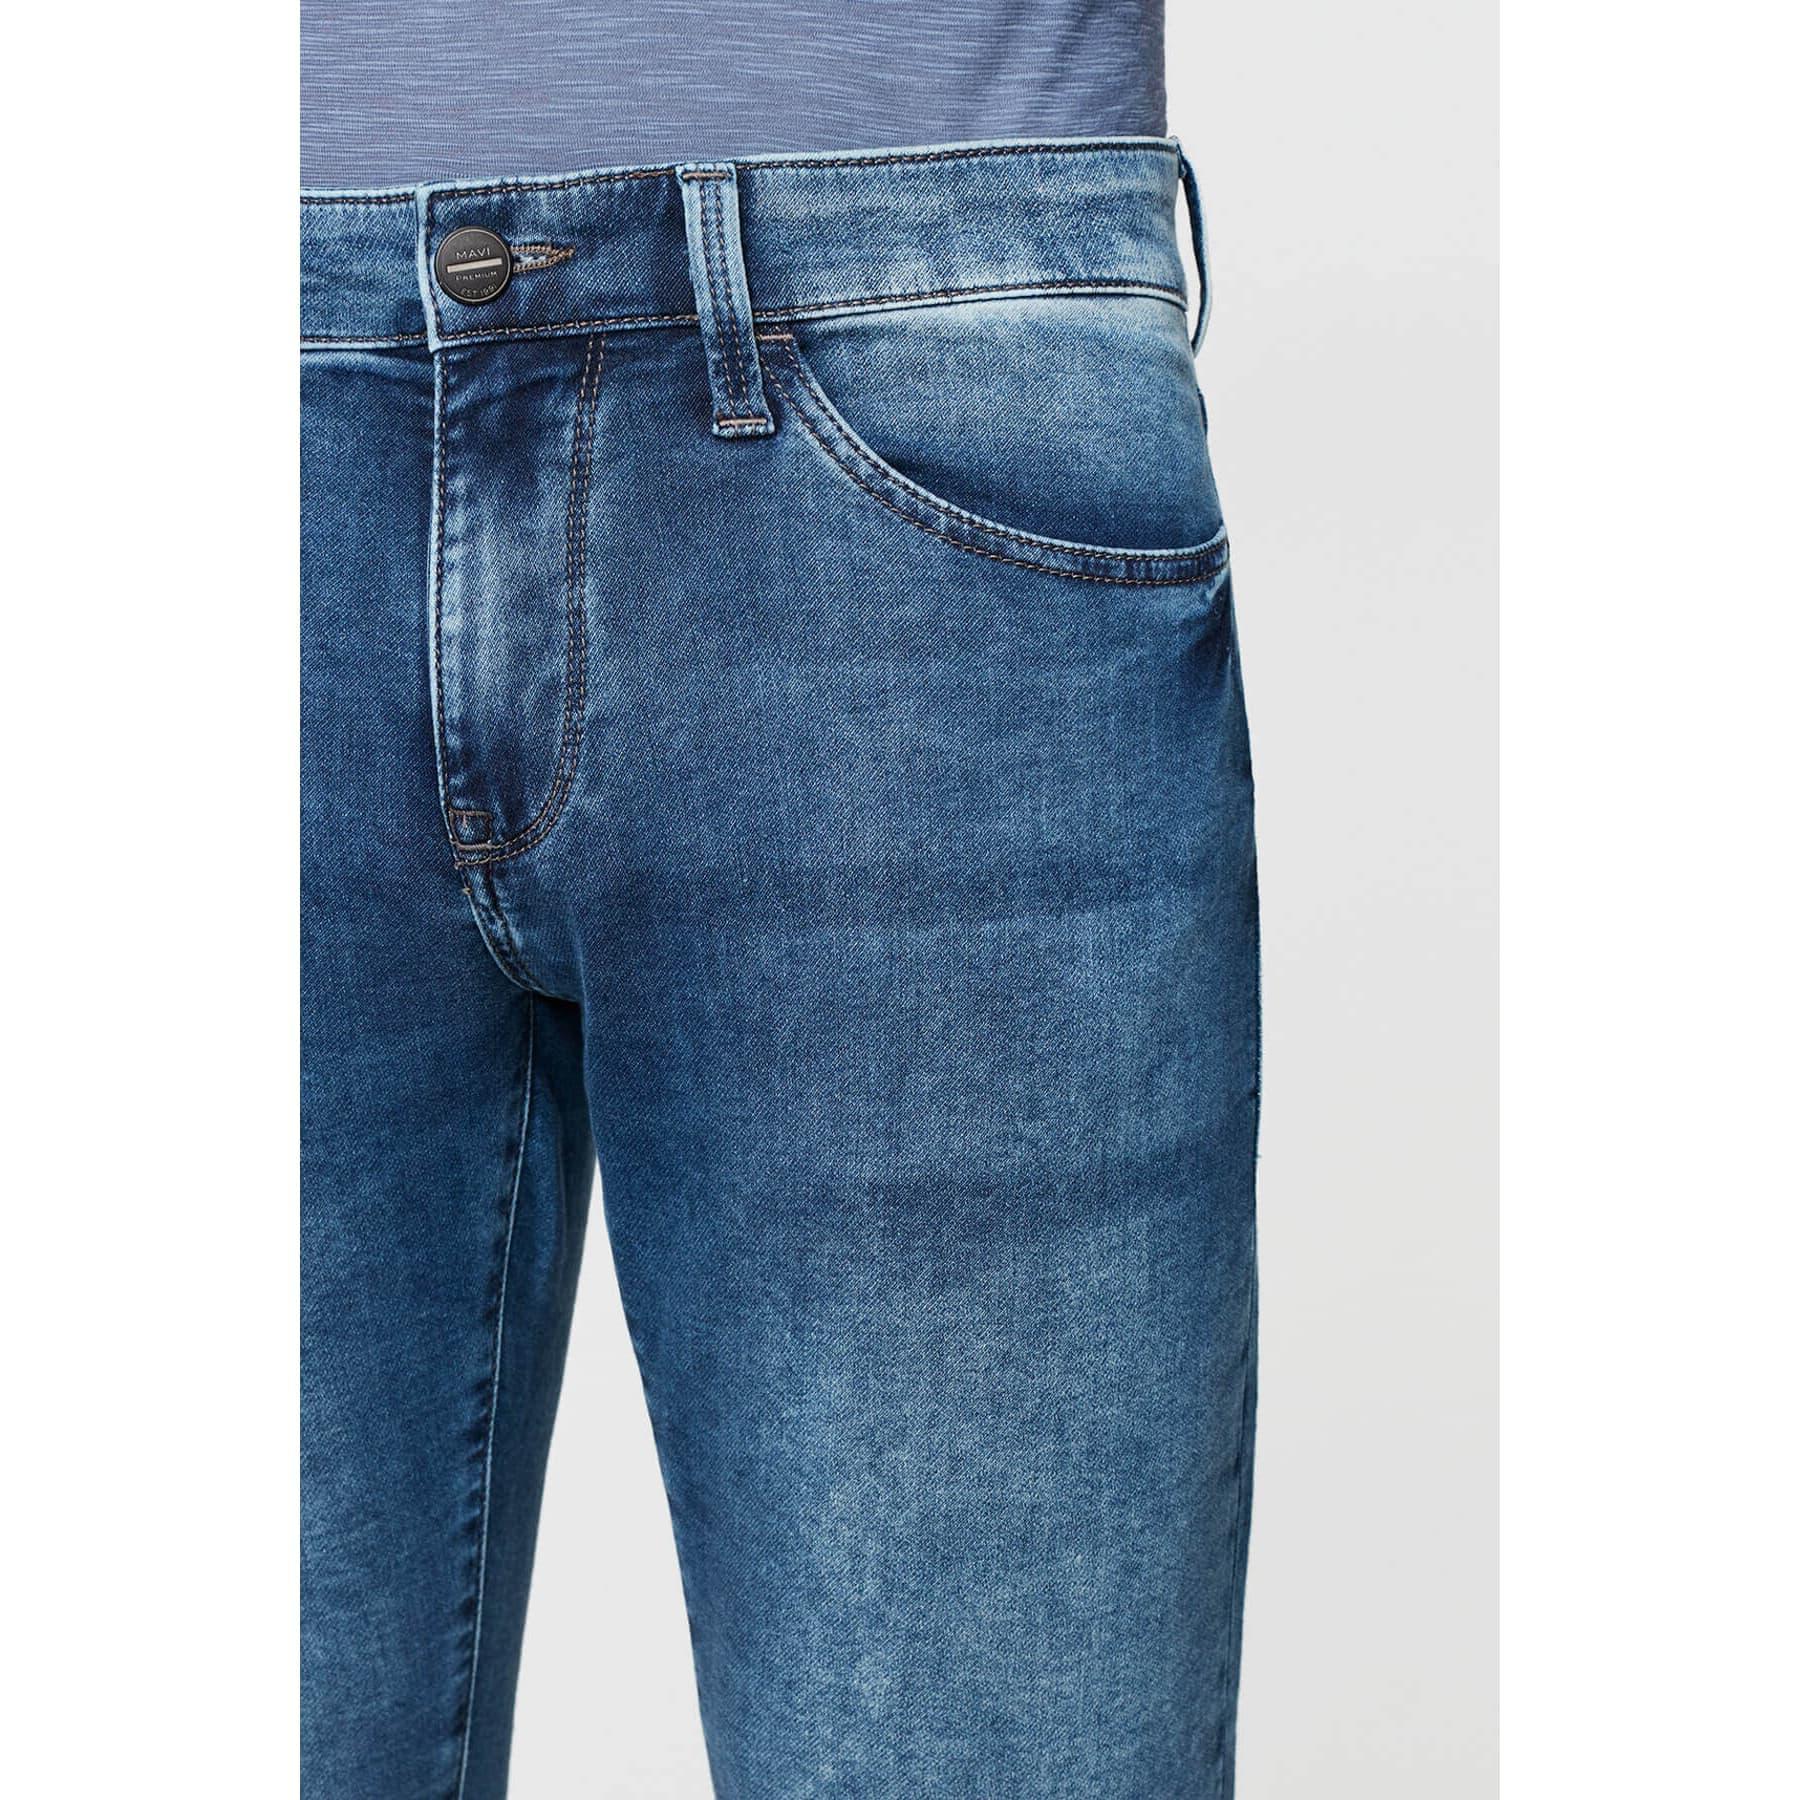 Jake Mavi Sporty Erkek Jean Pantolon